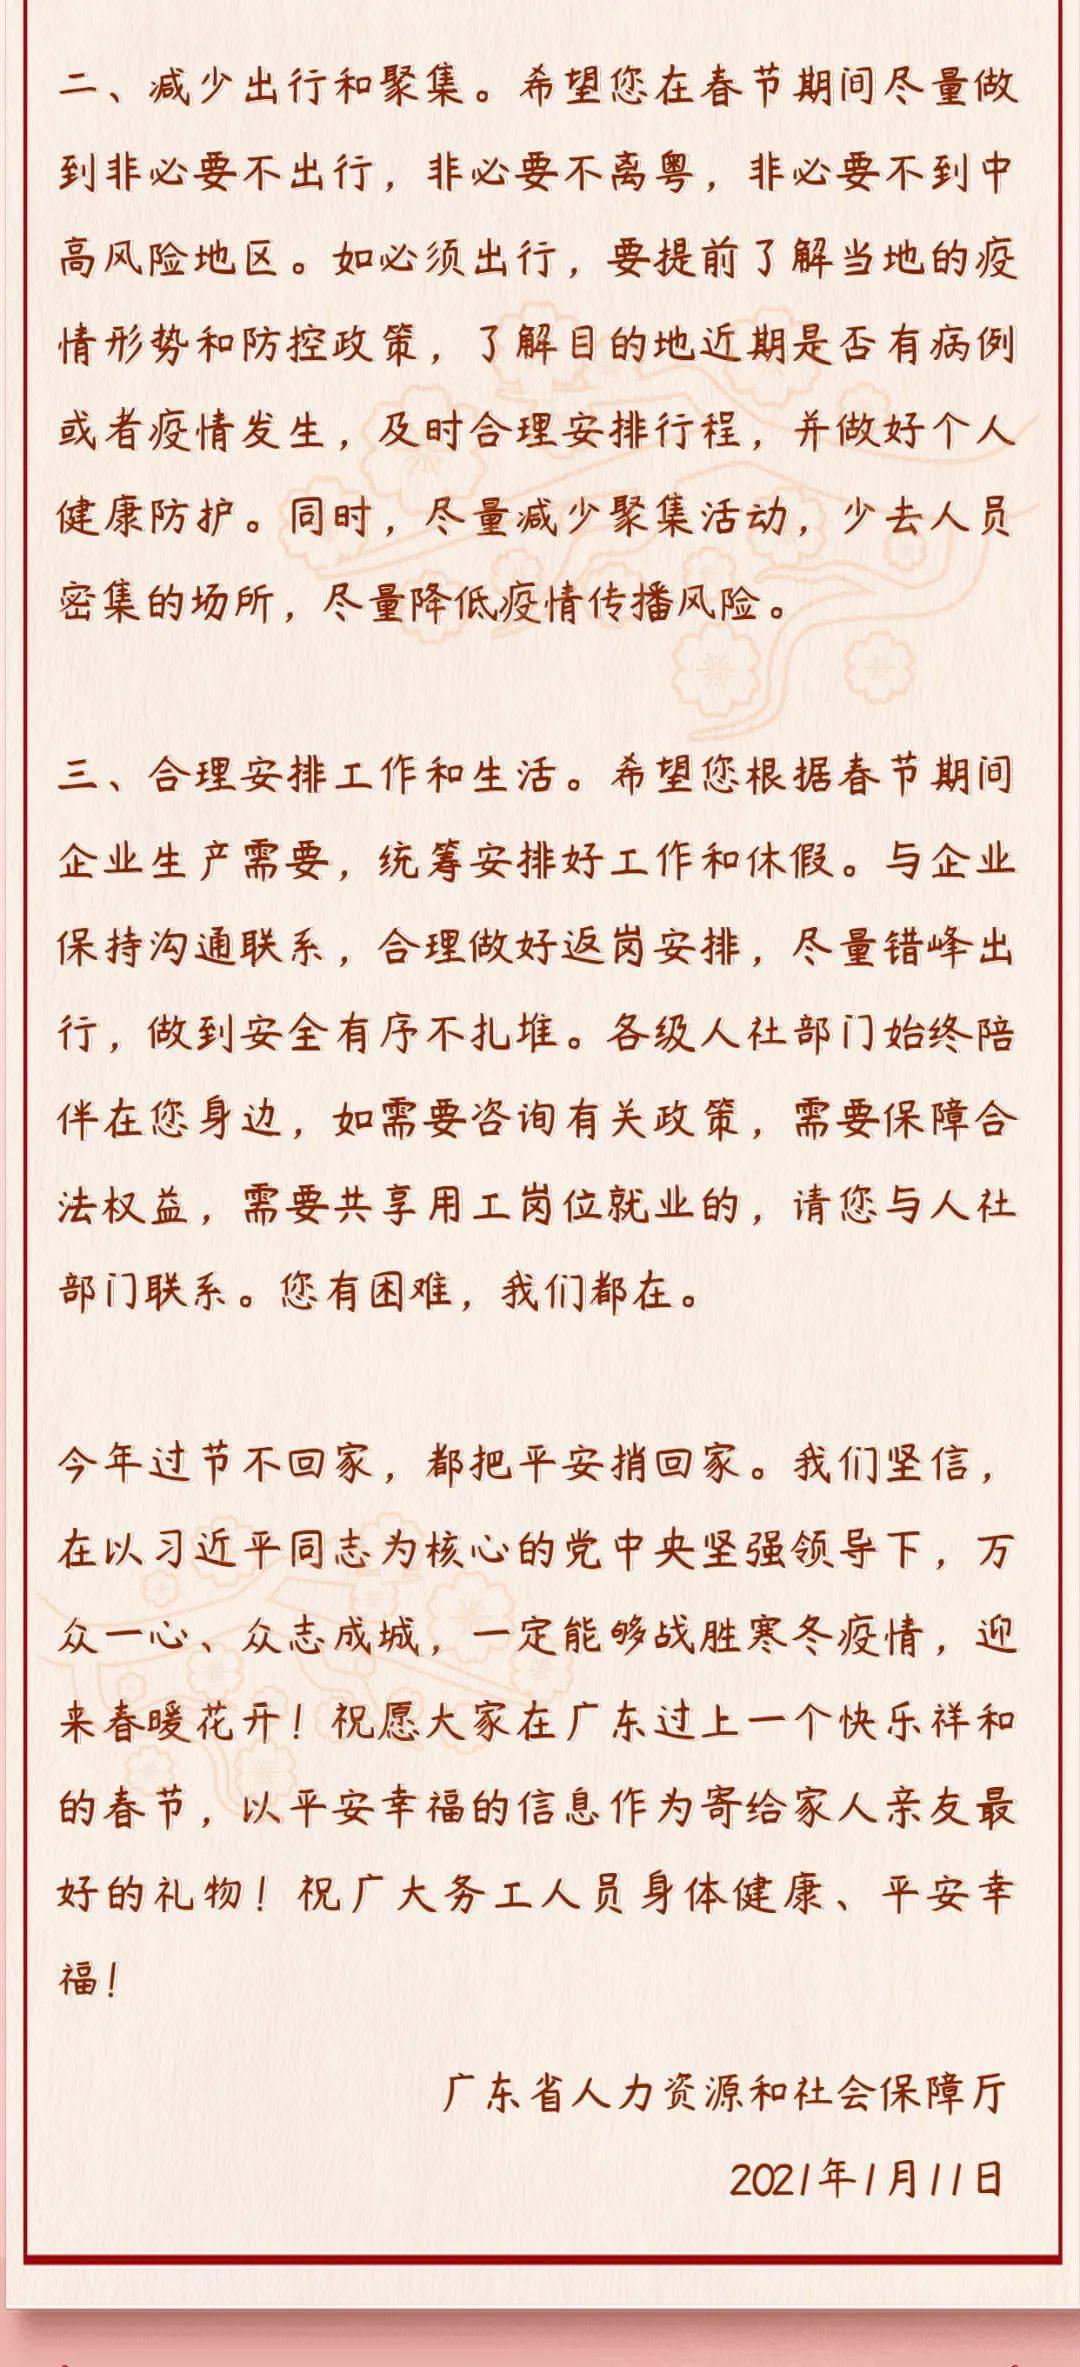 【信息速递】过年不回家,平安捎回家!诚邀您2021年春节留粤过年!